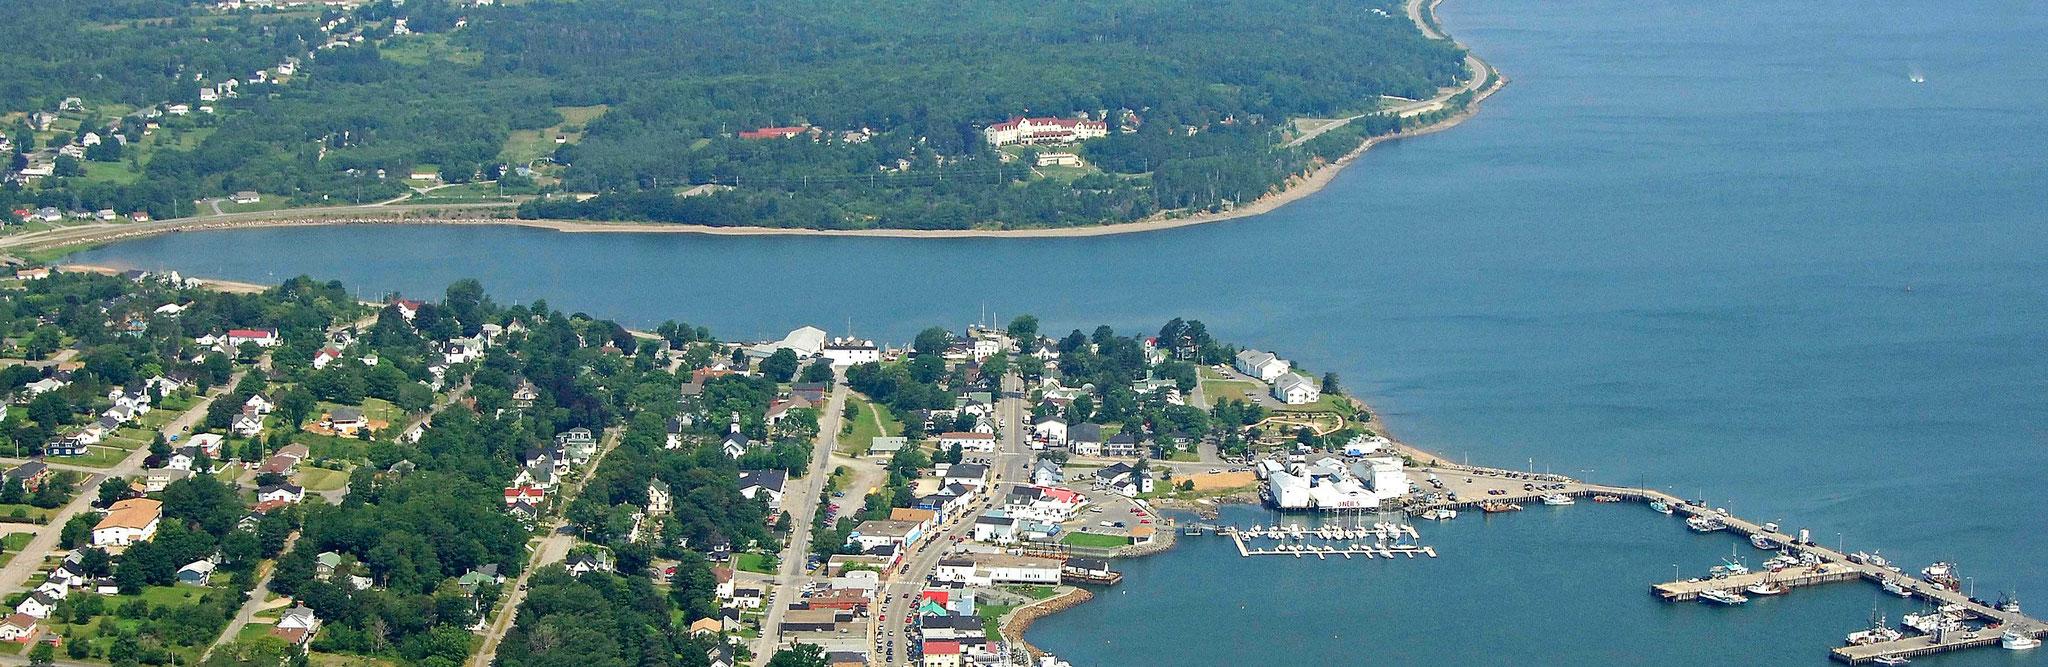 title:Digby Forest,title2:Wirtschaftswald,provinz:Nova Scotia,bezirk:Digby,art:Mischwald,flaeche:566 ha,ufer:,preis:auf Anfrage